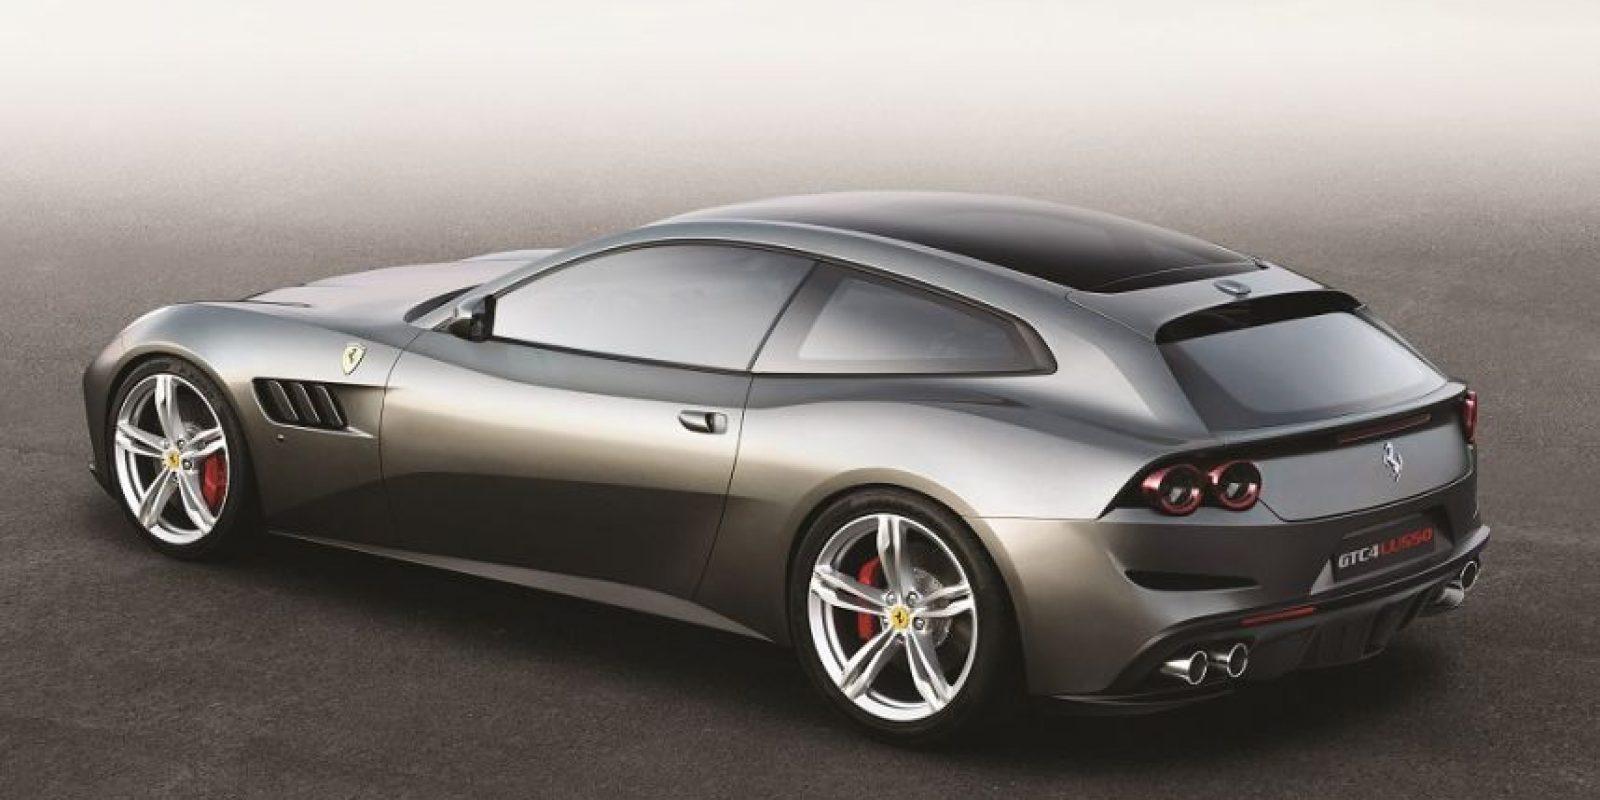 1- Ferrari. GTC4 Lusso. Presentado en el más reciente Salón del Automóvil de Ginebra, el vehículo cuenta con un motor V12 de 6.2 litros. El auto promete hasta 680 caballos de fuerza. Foto:Fuente externa